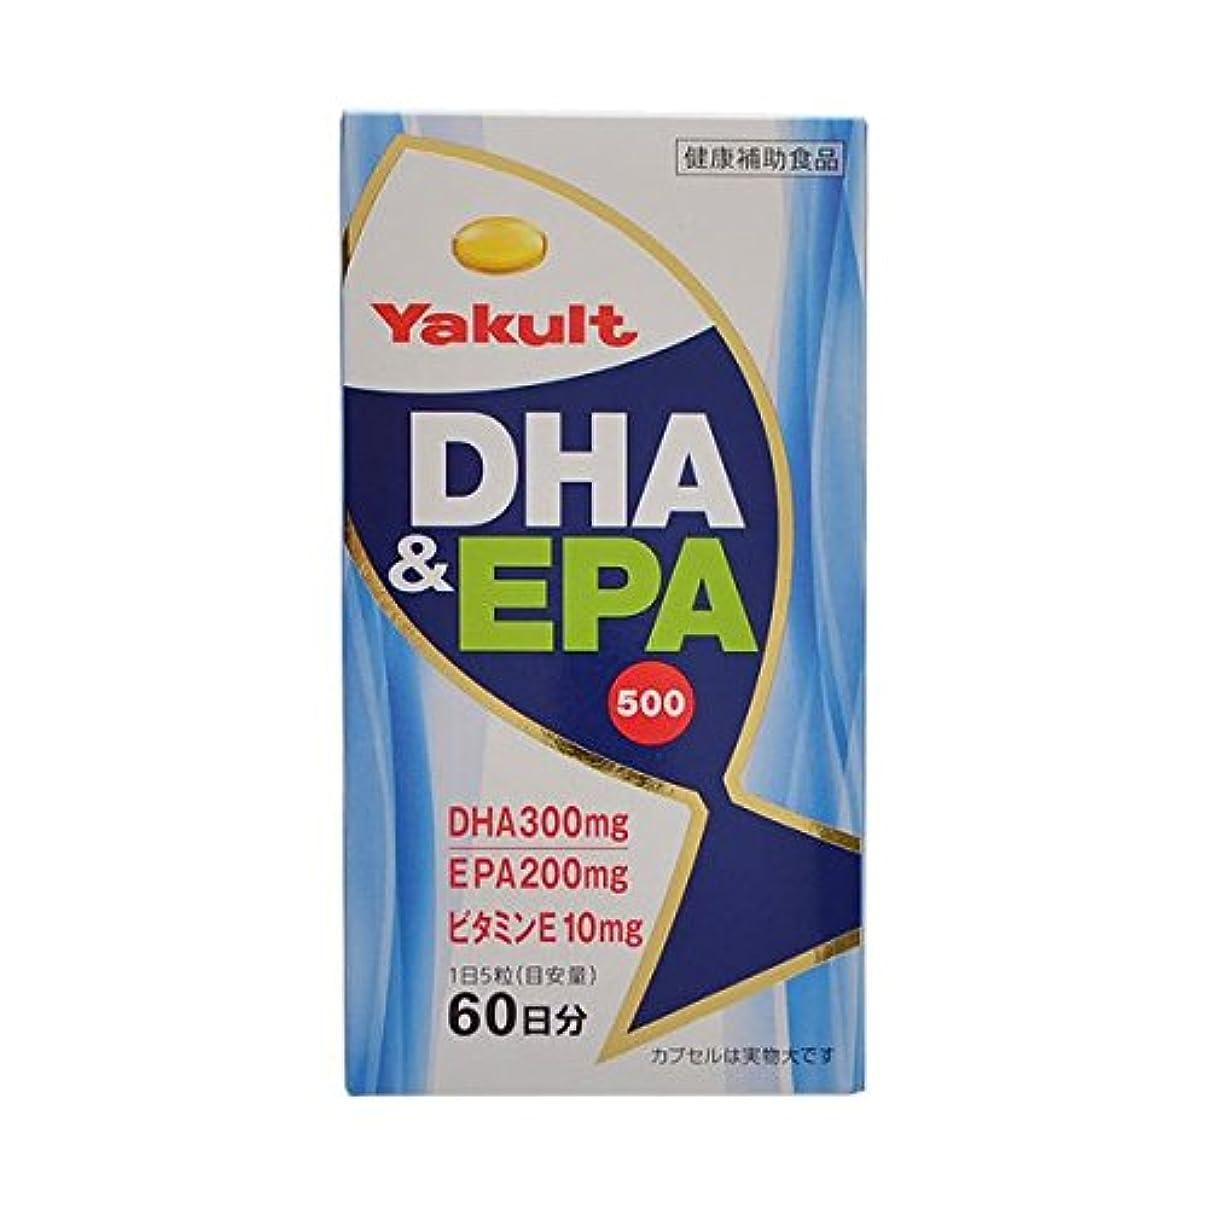 第三参照弱点ヤクルト DHA&EPA500 430mg×300粒【2個セット】